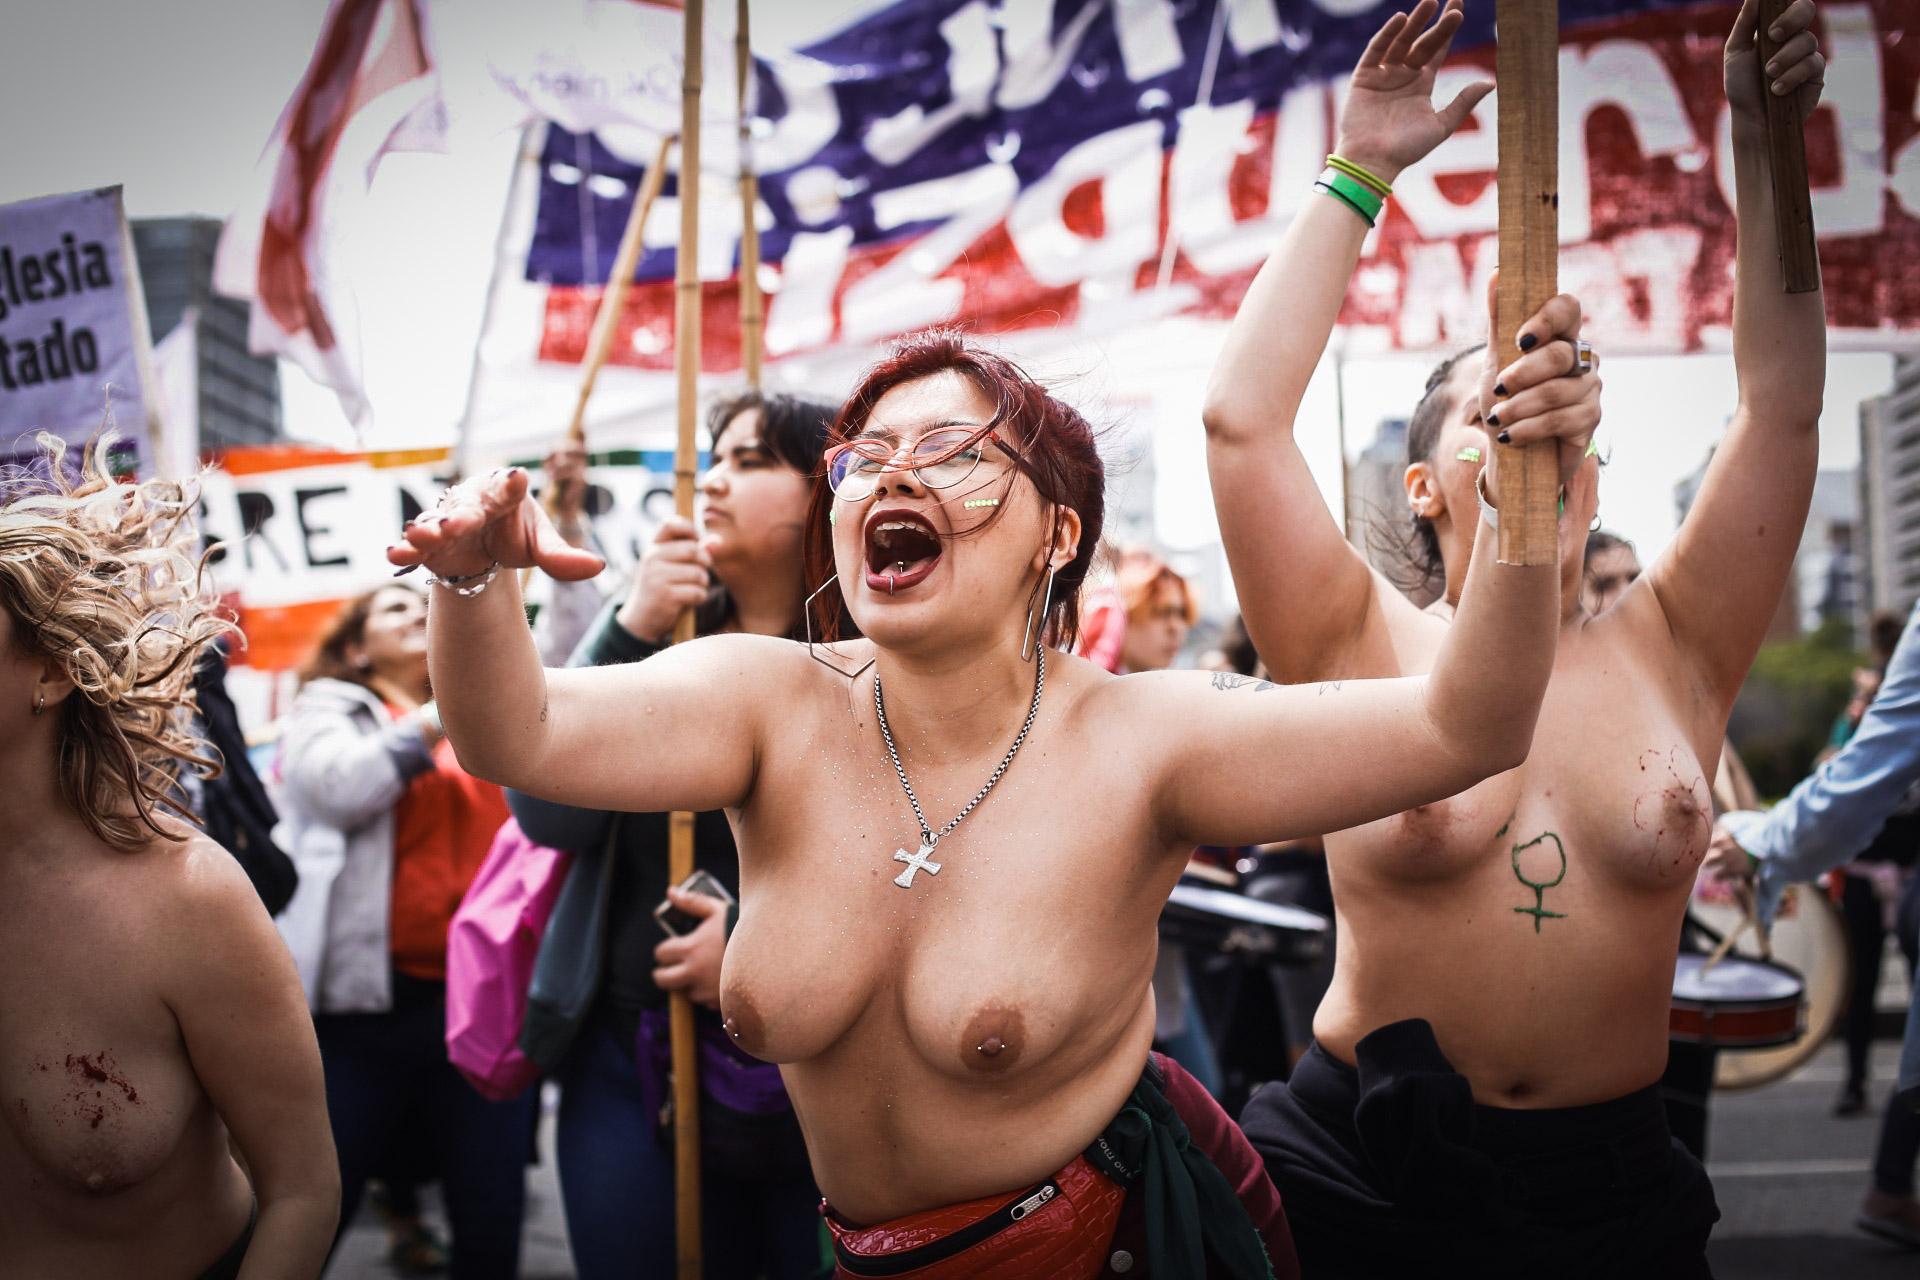 """El frío no logró apabullar a las chicas que marchaban en tetas con consignas pintadas en sus torsos, festejando la libertad de sus cuerpos, rodeadas de otras mujeres, seguras. """"Mi cuerpo, mi decisión"""